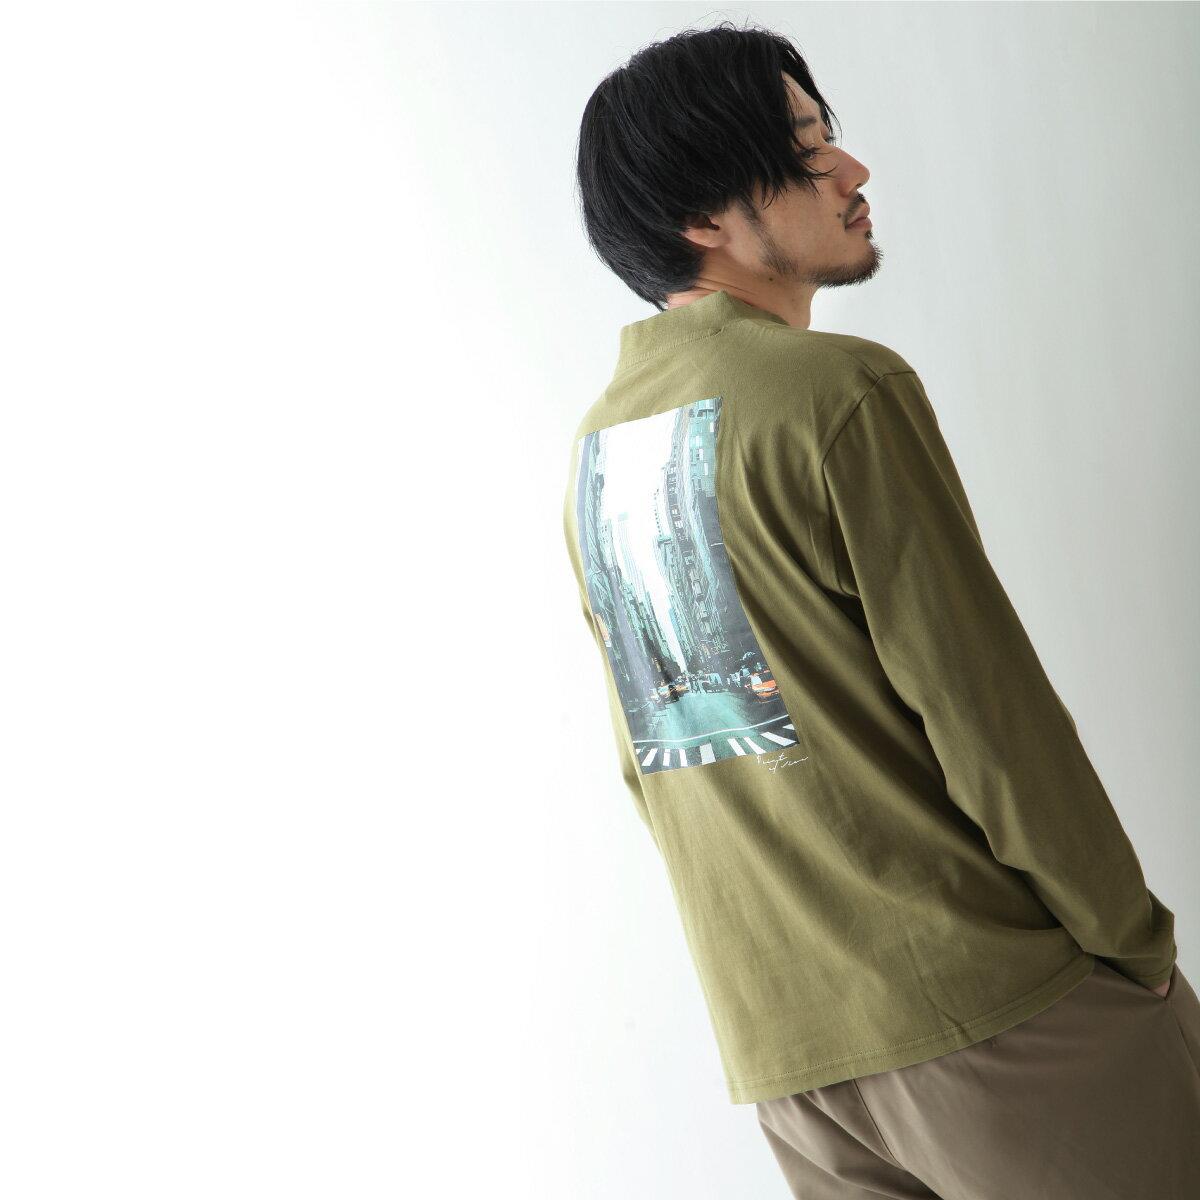 【現貨】微高領長袖T恤 LOGO設計 7